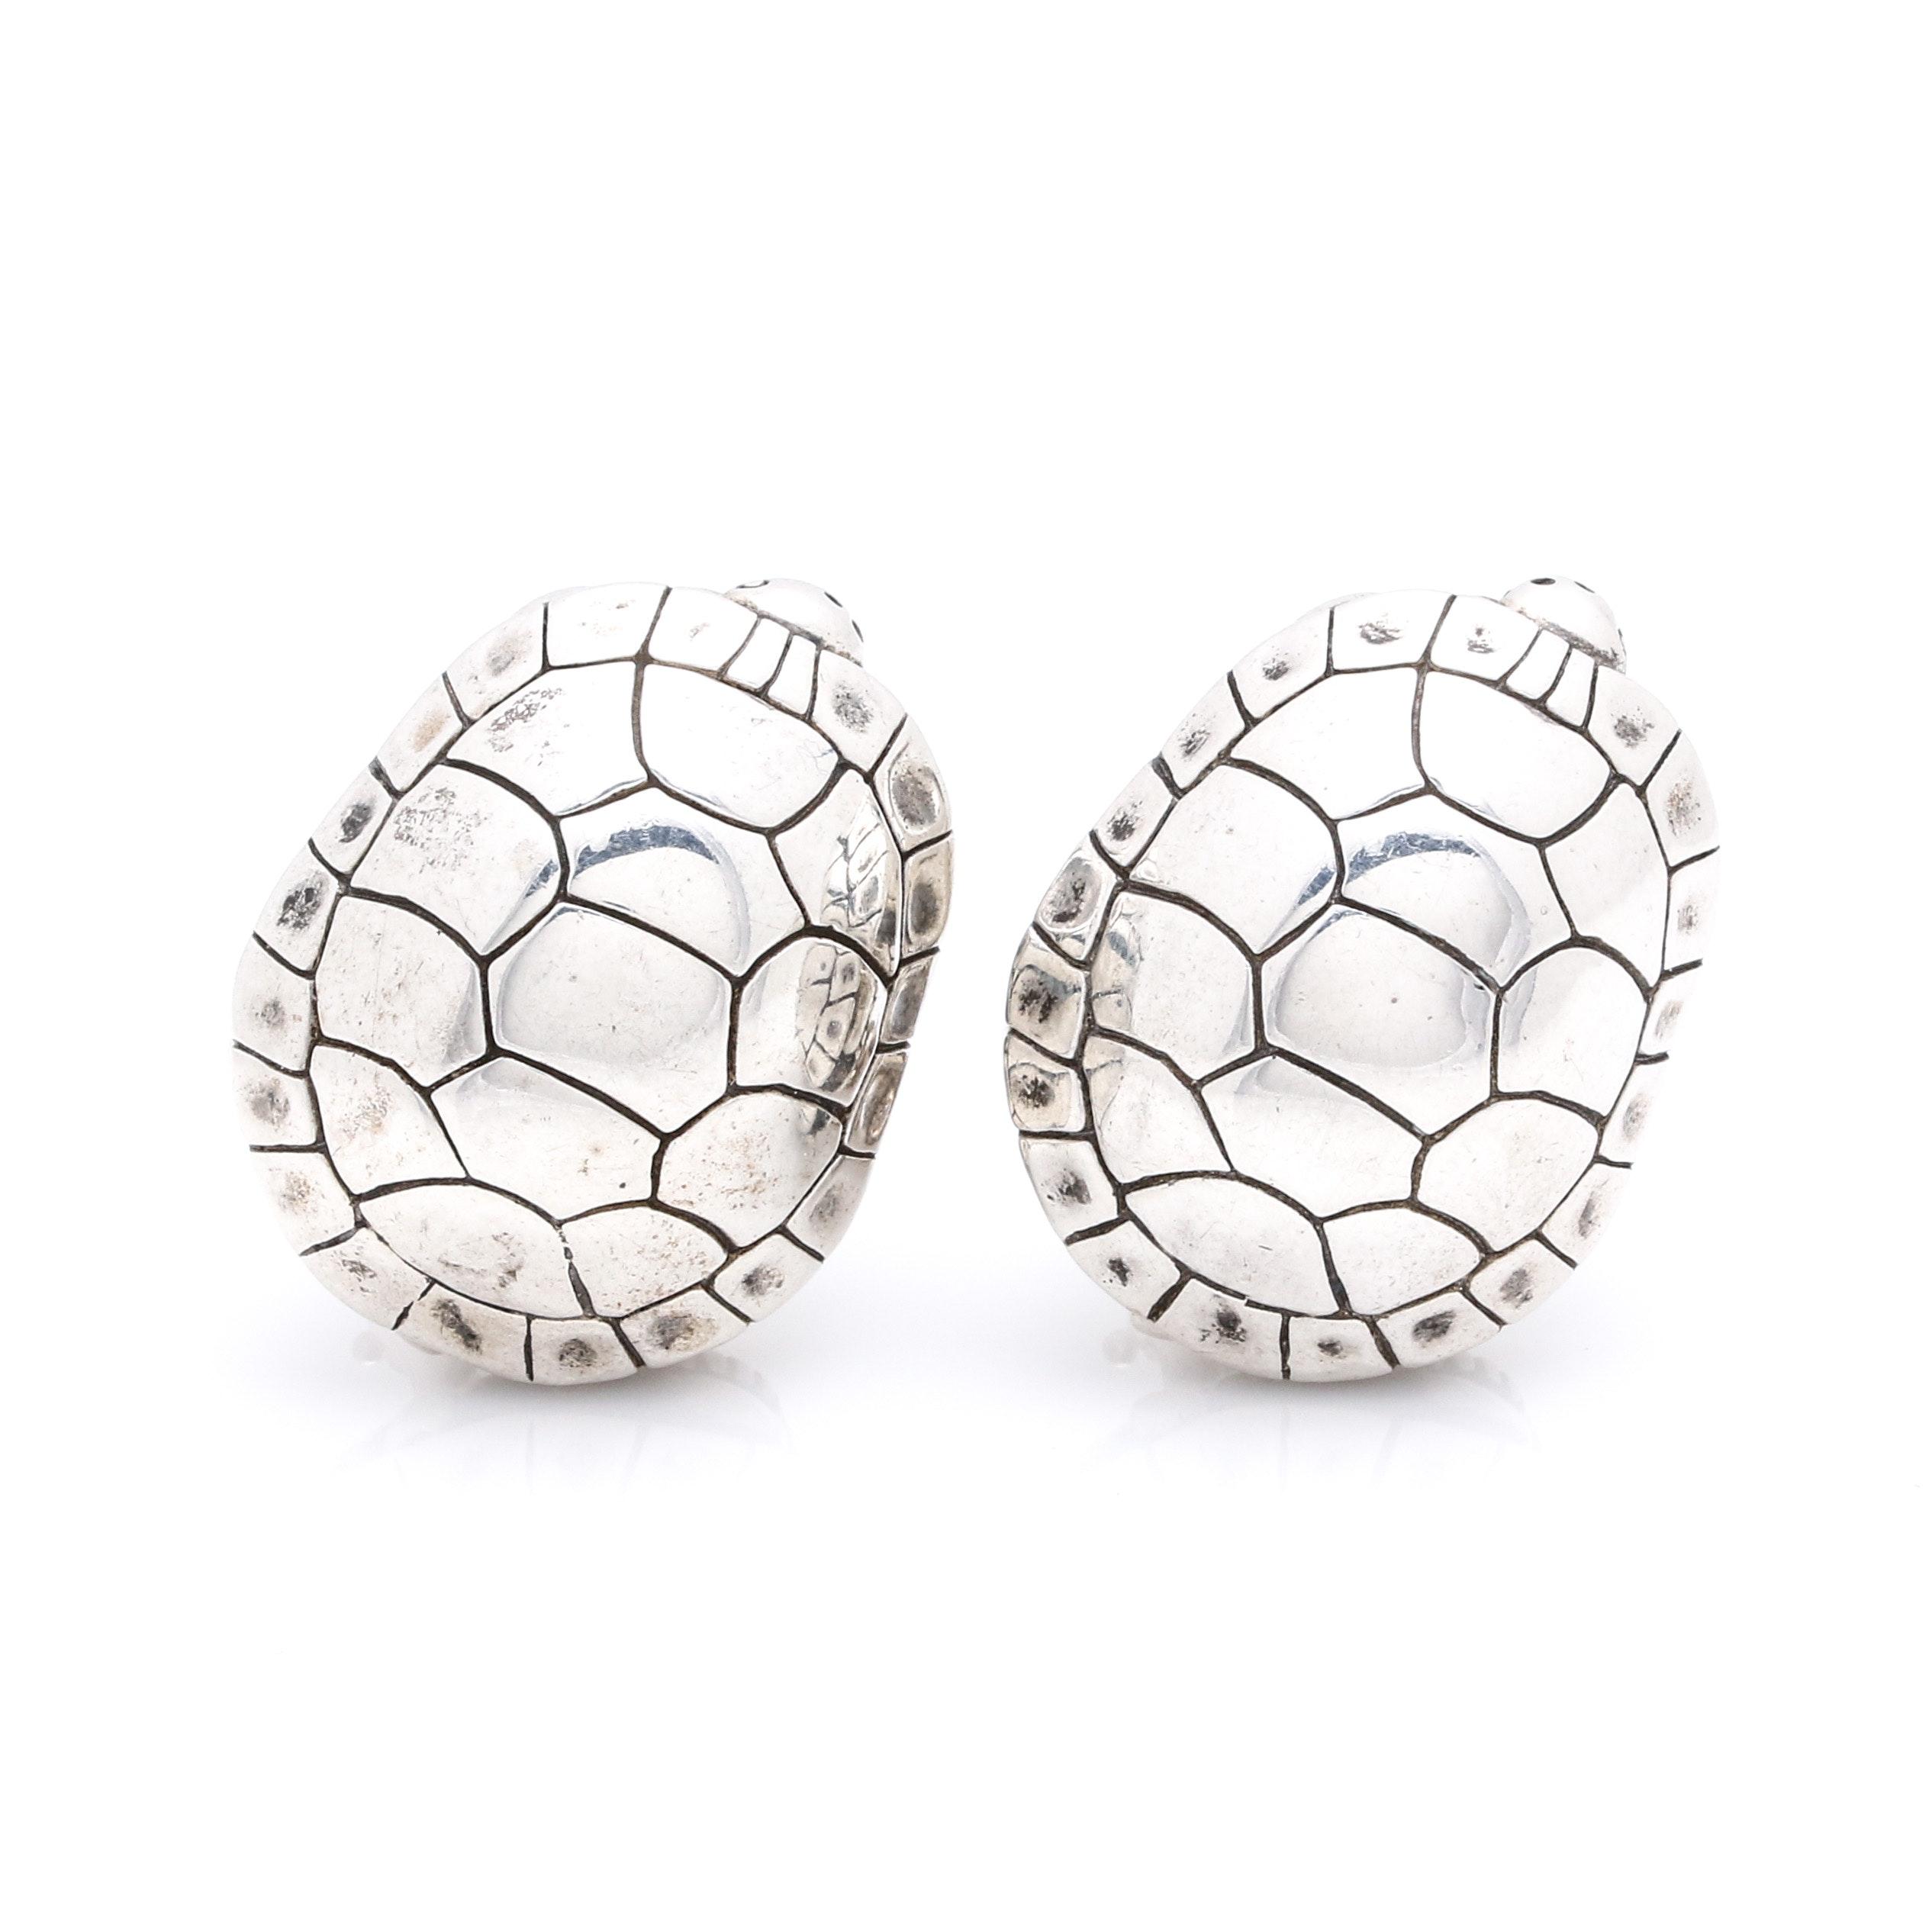 1996 B. Kiesel-Stein-Cord Sterling Silver Turtle Clip-on Earrings